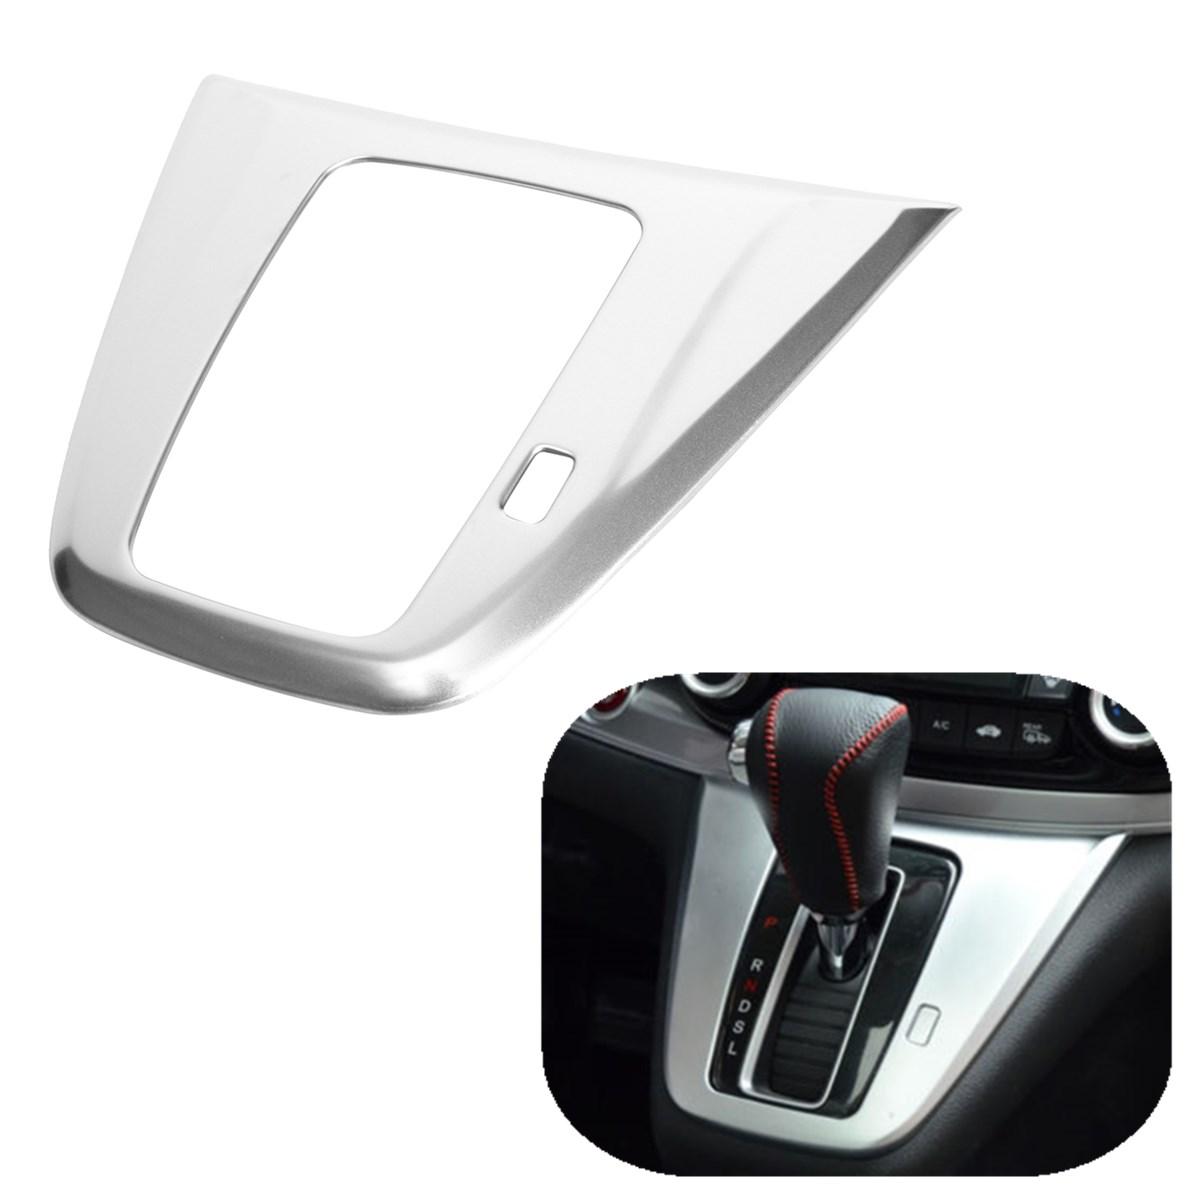 ABS Chrome Matte Gear Shift Panel Trim Frame Cover for Honda CR-V CRV 2012-2016